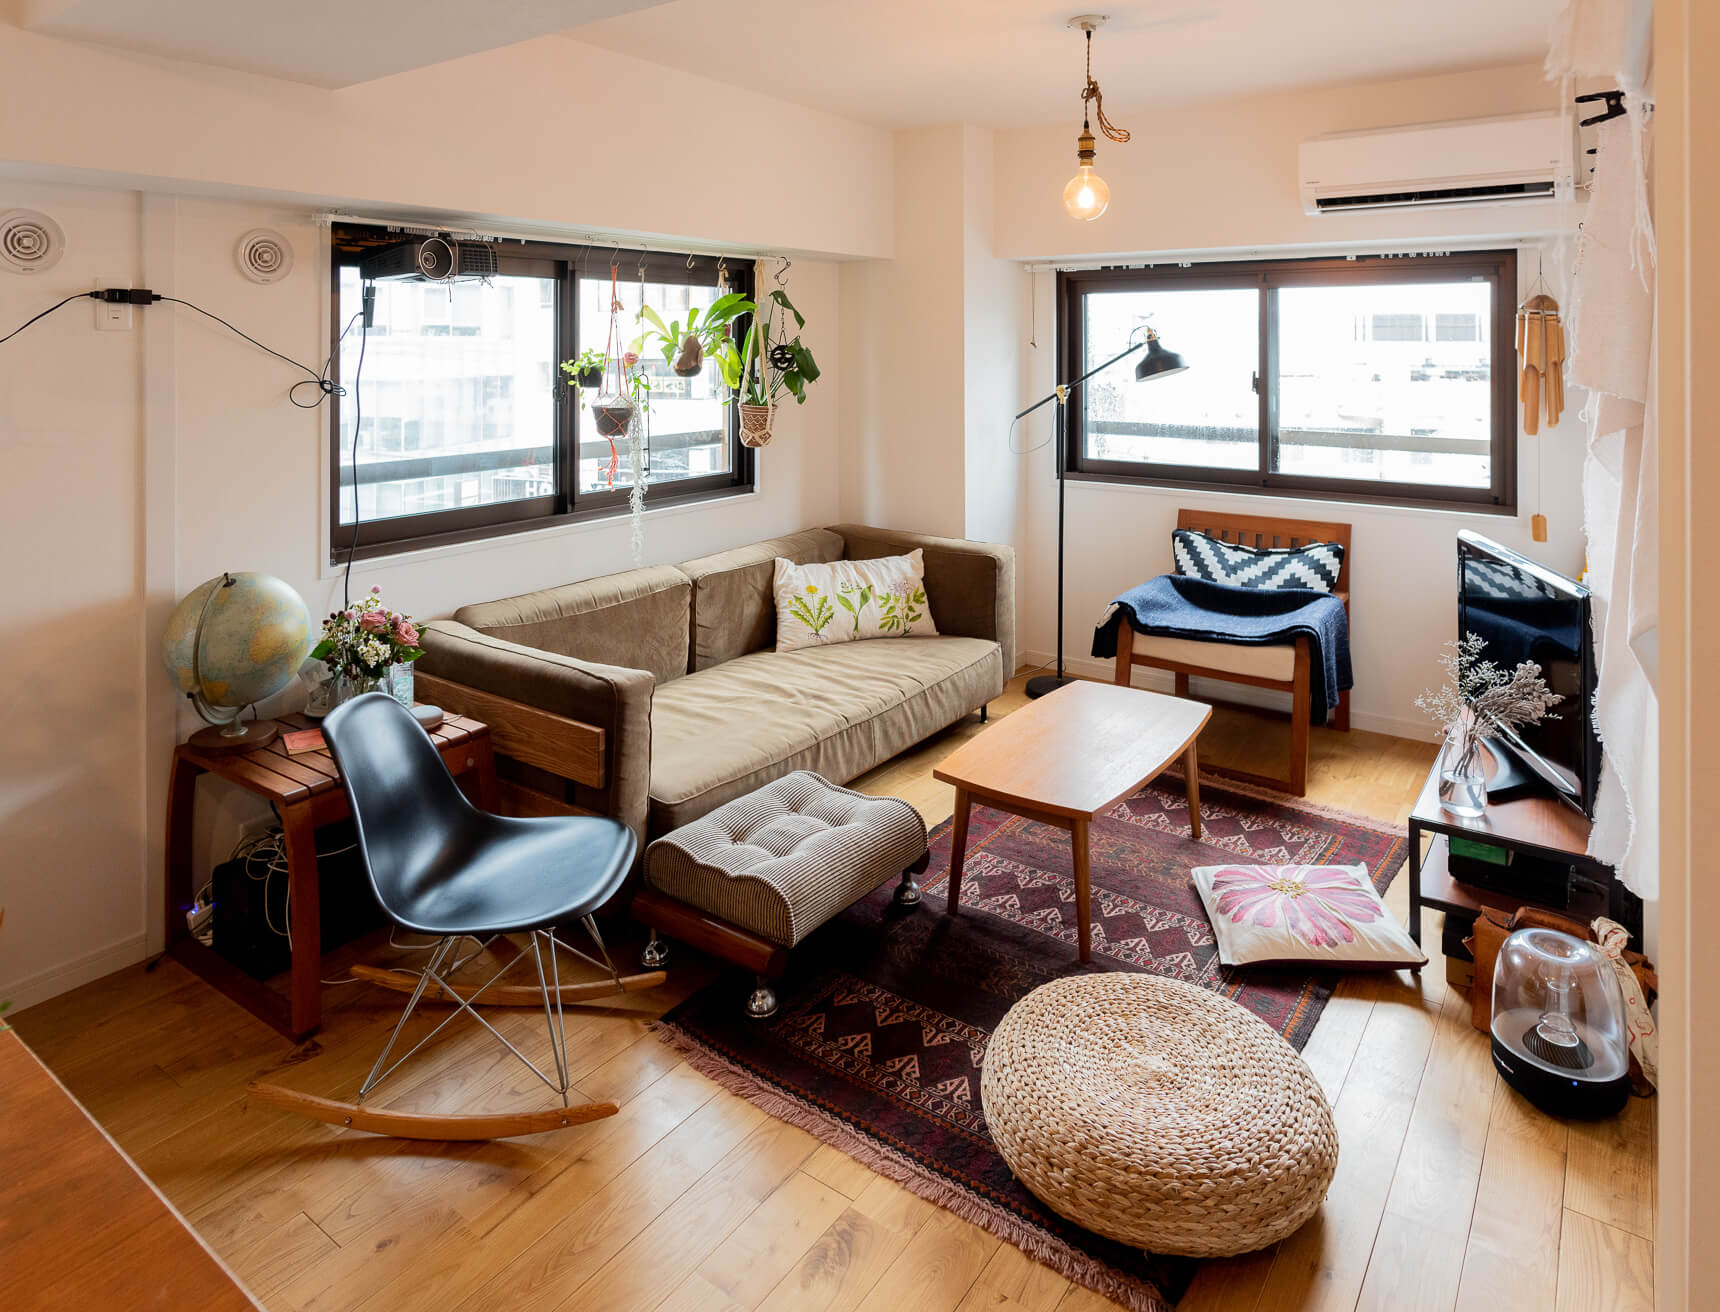 その家具、ここで買えます。goodroom のおすすめインテリアショップまとめ(ソファとベッド編)